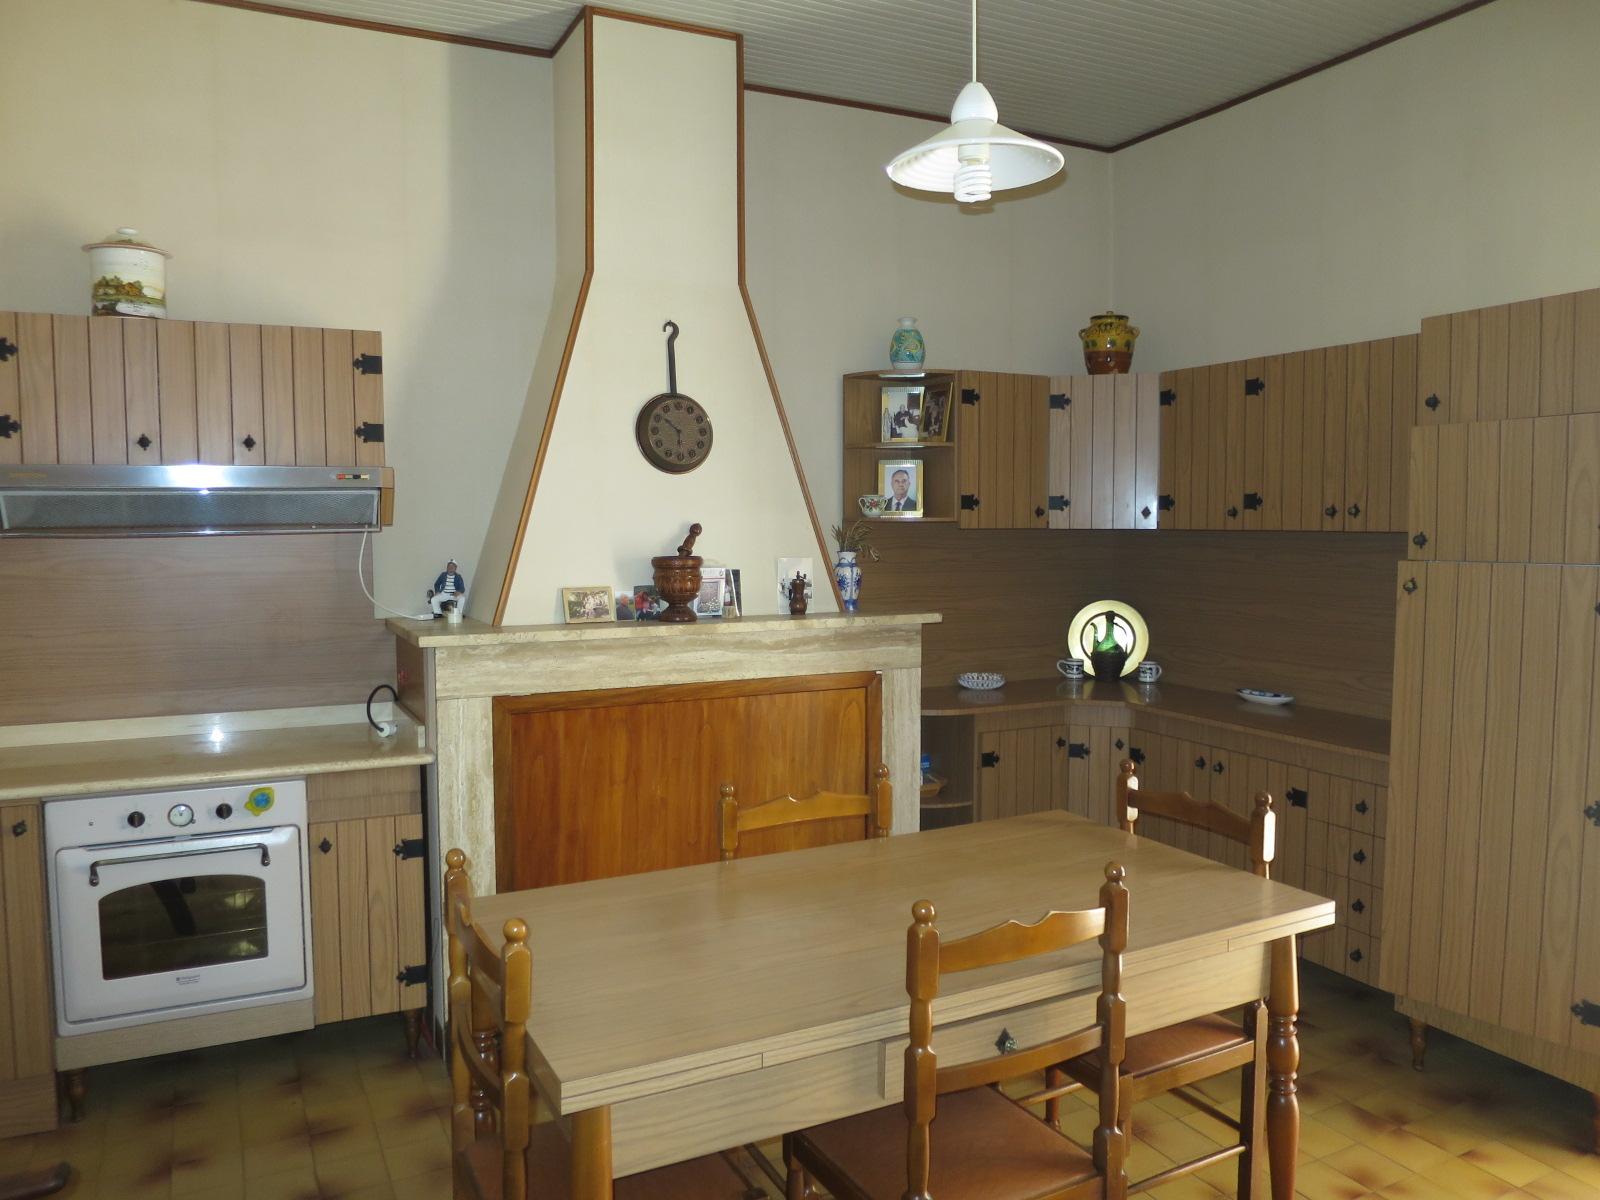 Villa Villa for sale Roseto degli Abruzzi (TE), Villa del Marinaio - Roseto degli Abruzzi - EUR 385.559 580